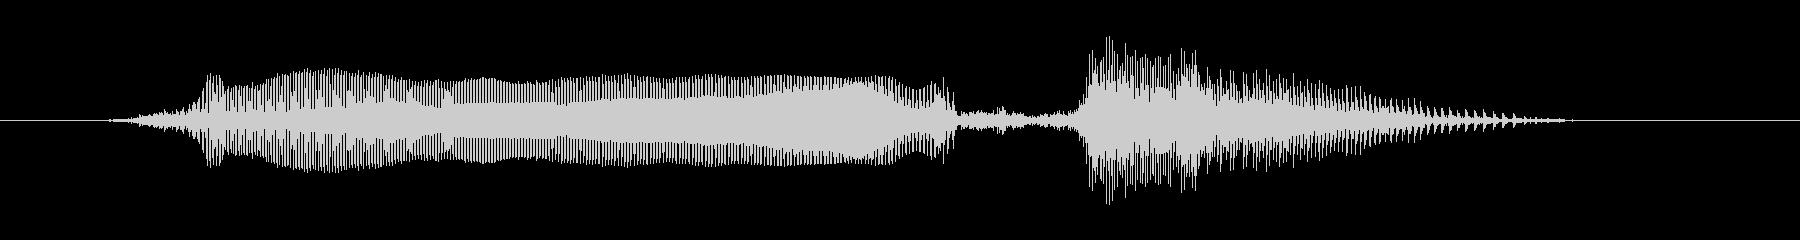 和風掛け声 - 男性 - ほーへ!の未再生の波形